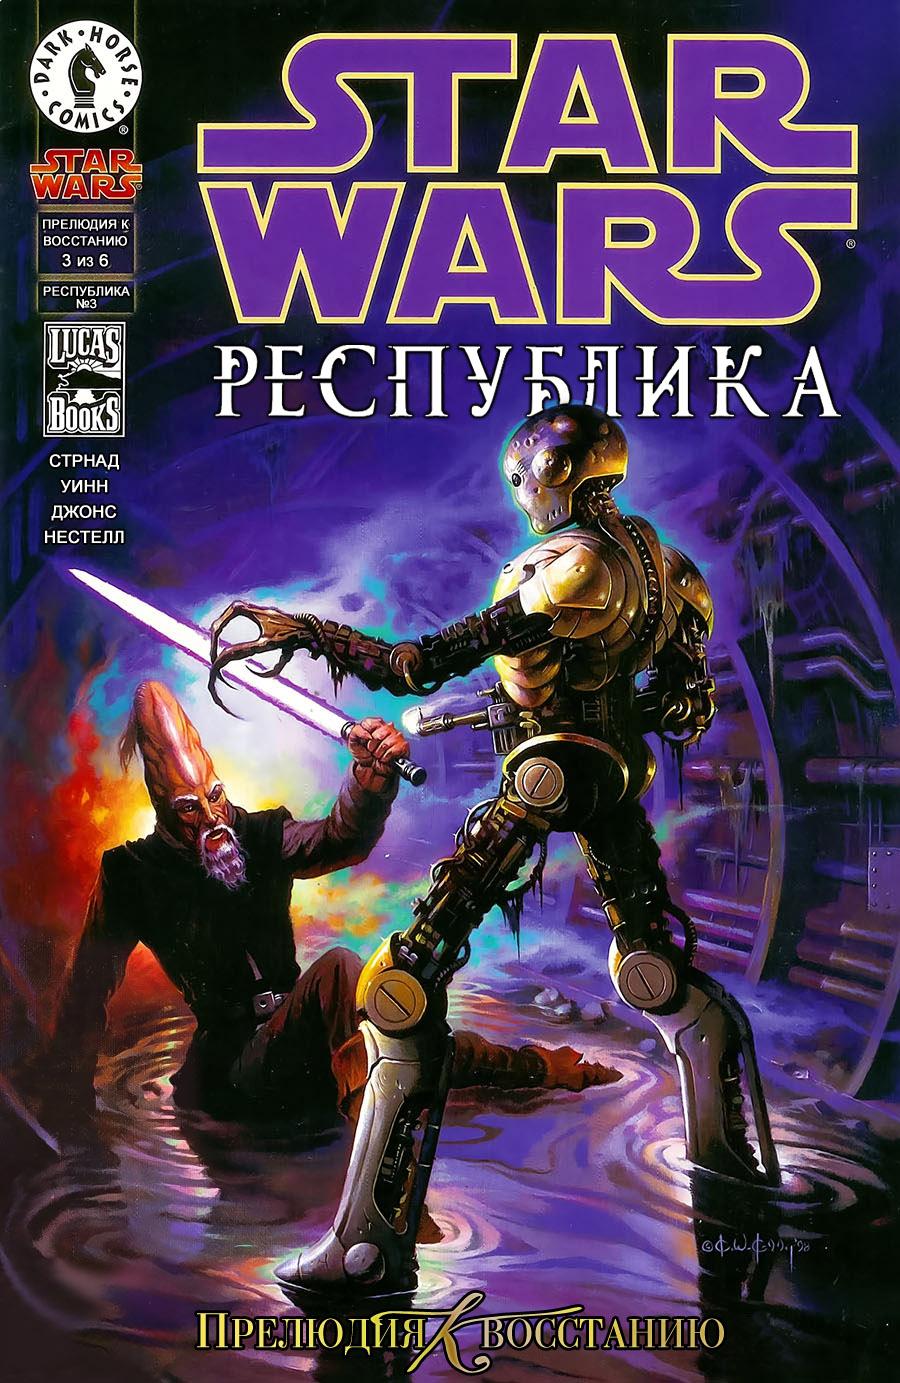 Звёздные войны. Республика 3: Прелюдия к восстанию, часть 3